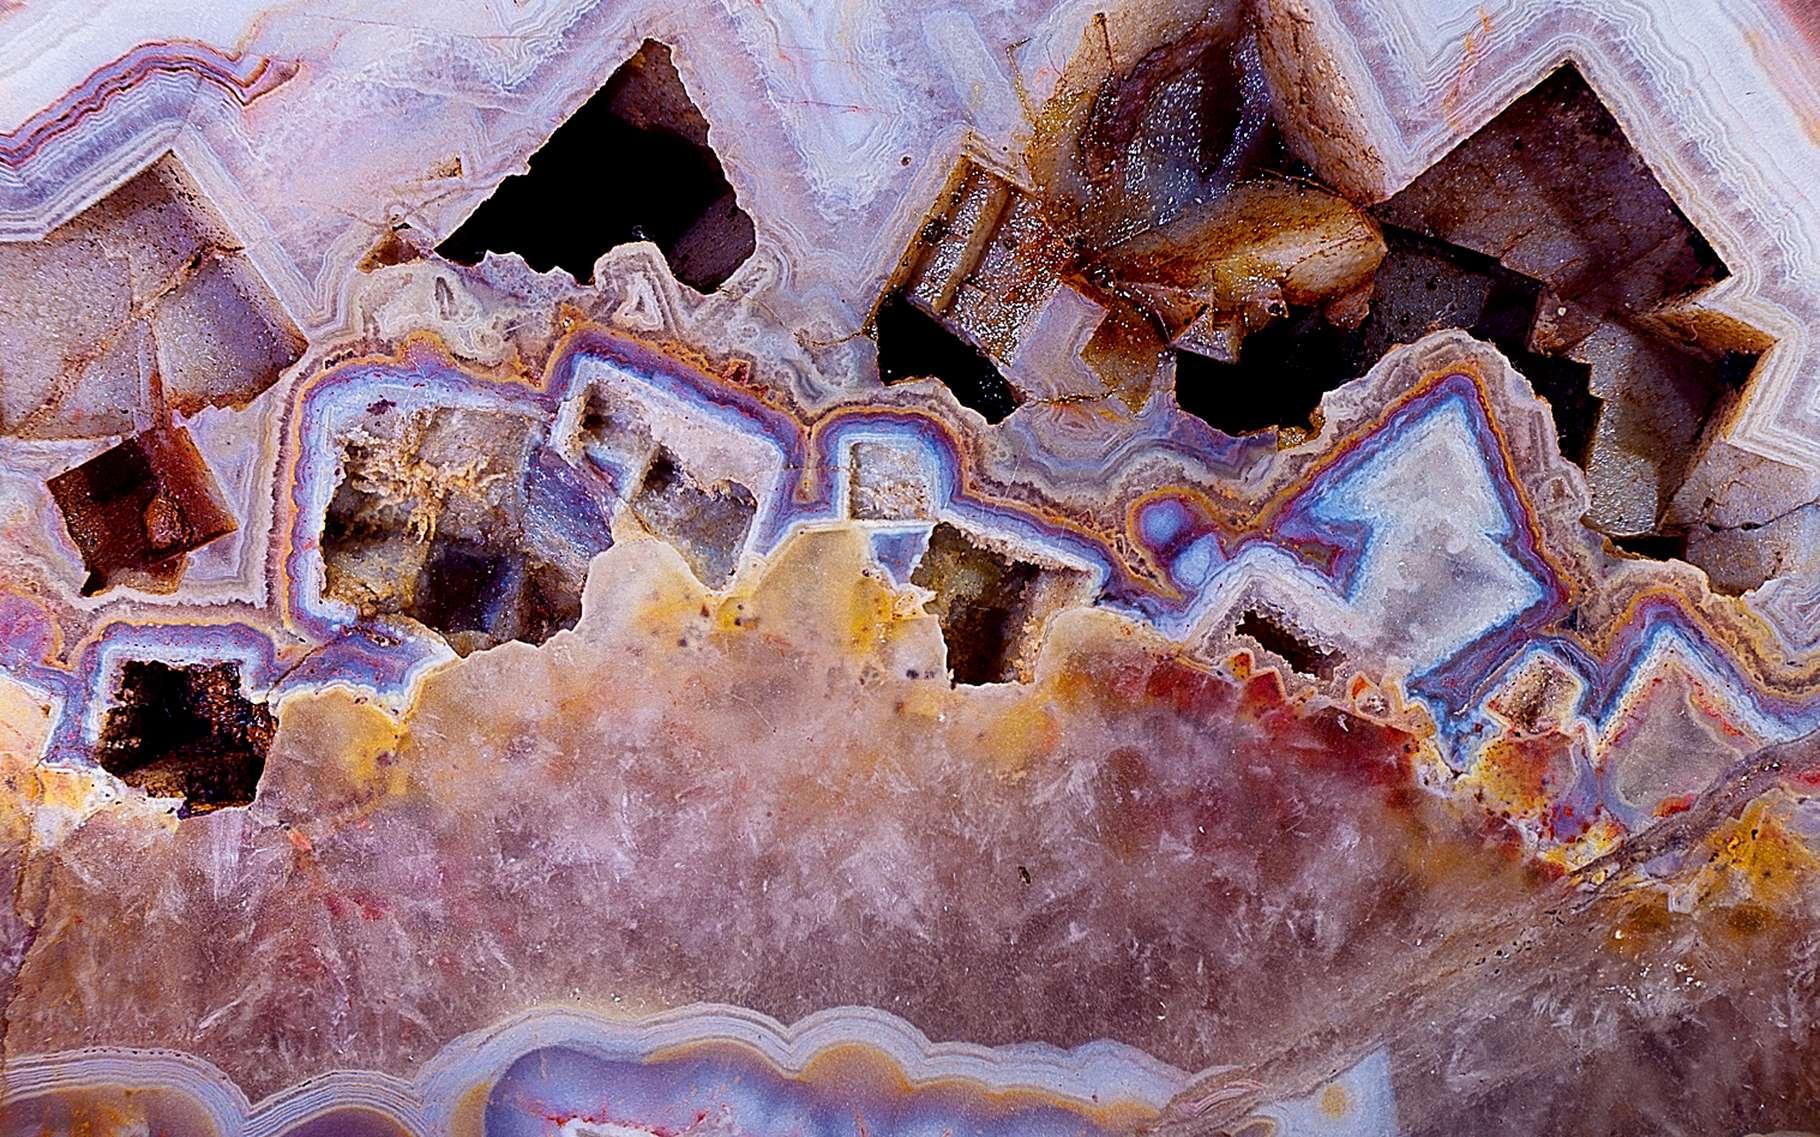 Couleur, transparence, dureté, phosphorescence..., apprenez les clés de l'identification des minéraux. © Dunod, DR